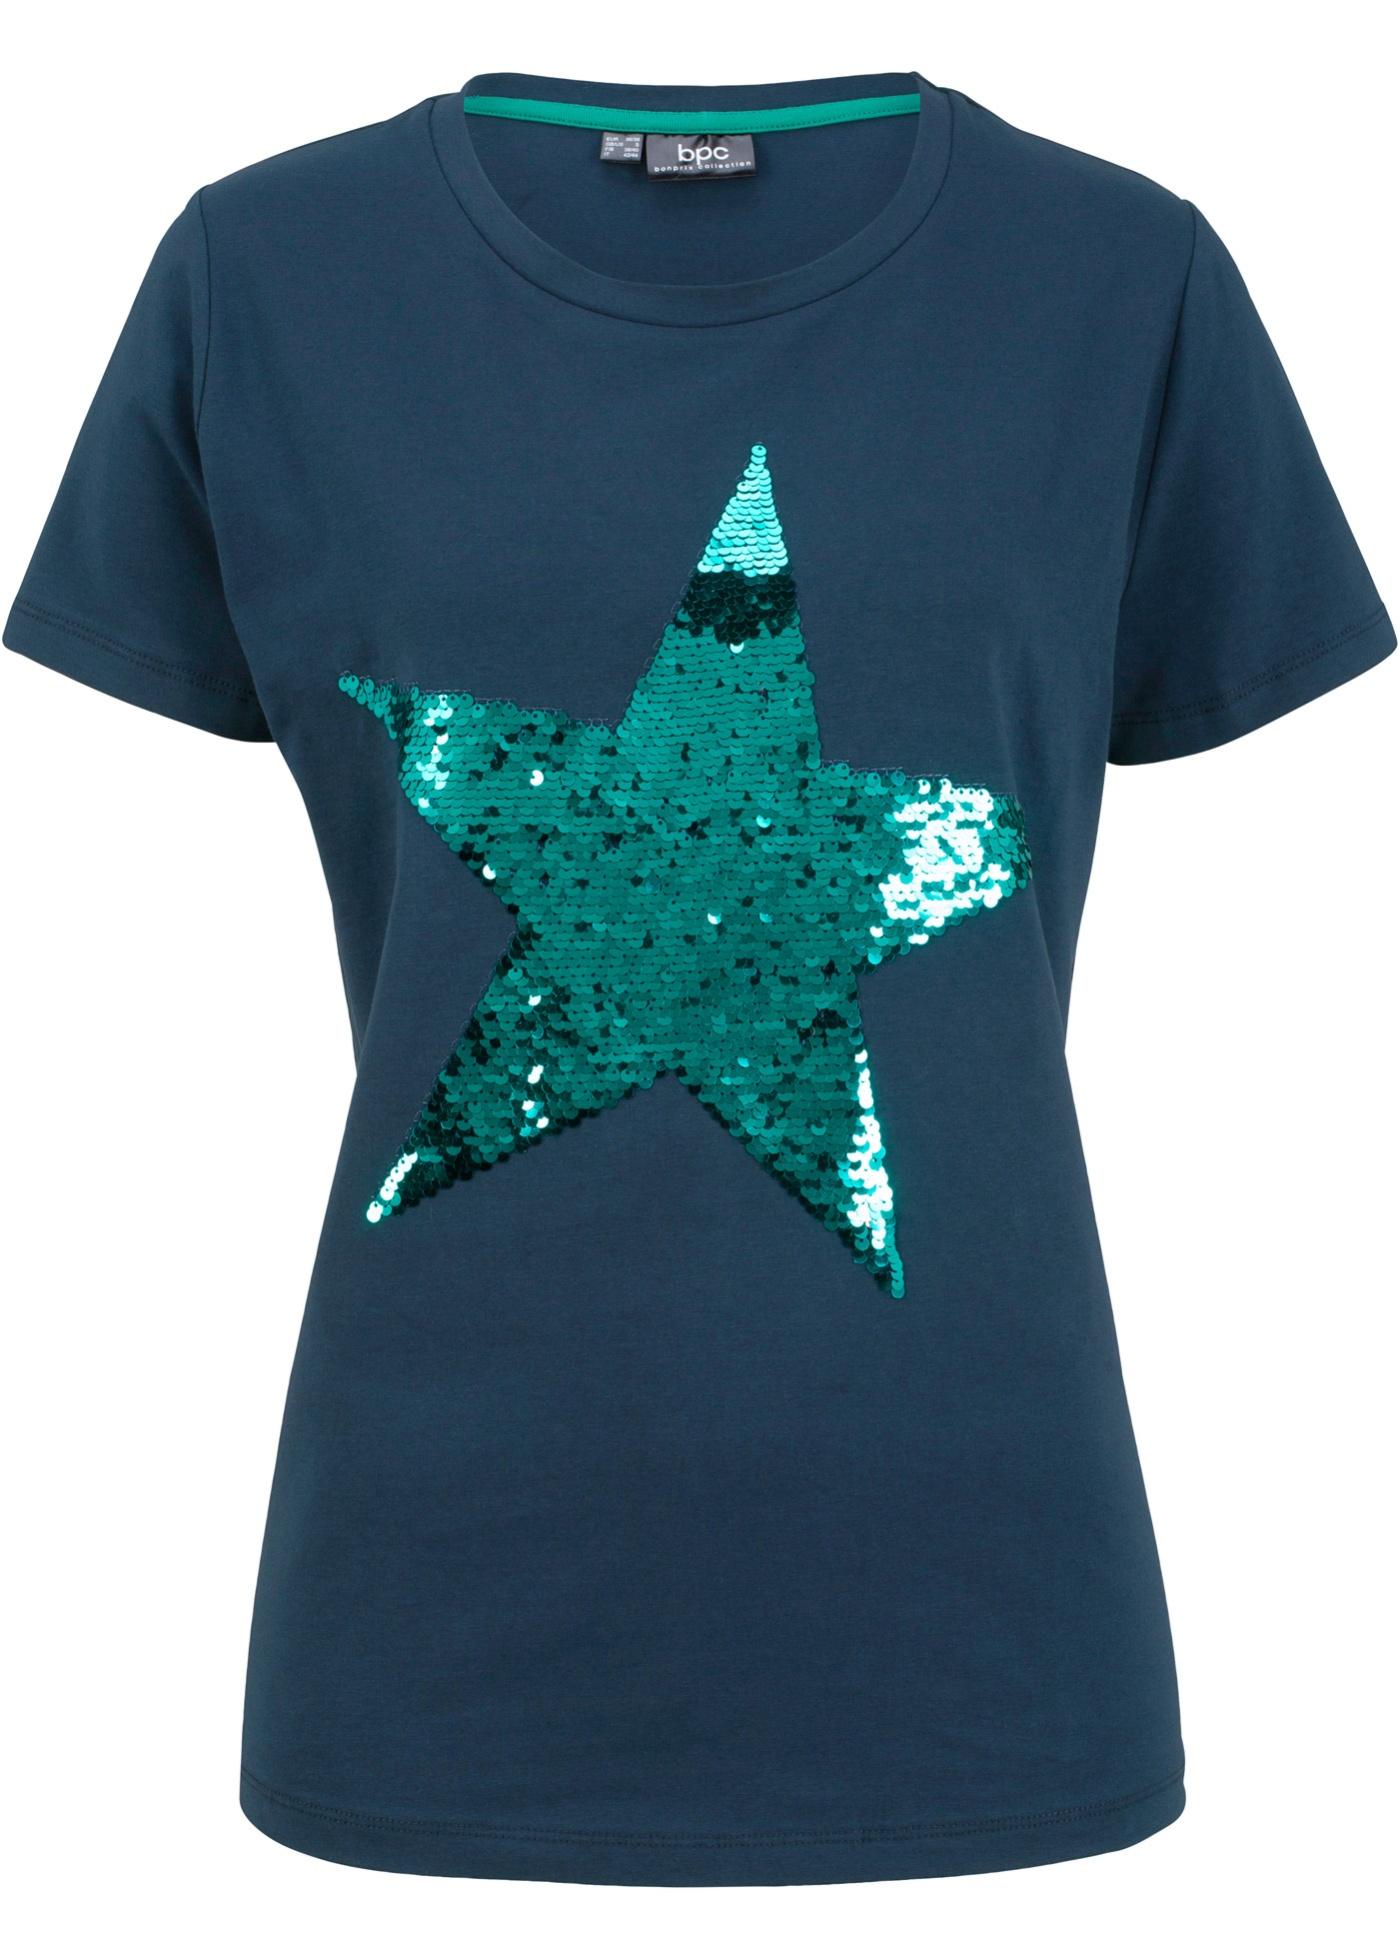 Bonprix shirt Pour Femme Paillettes Bpc Courtes À Bleu Manches CollectionT rdCWBoexQ